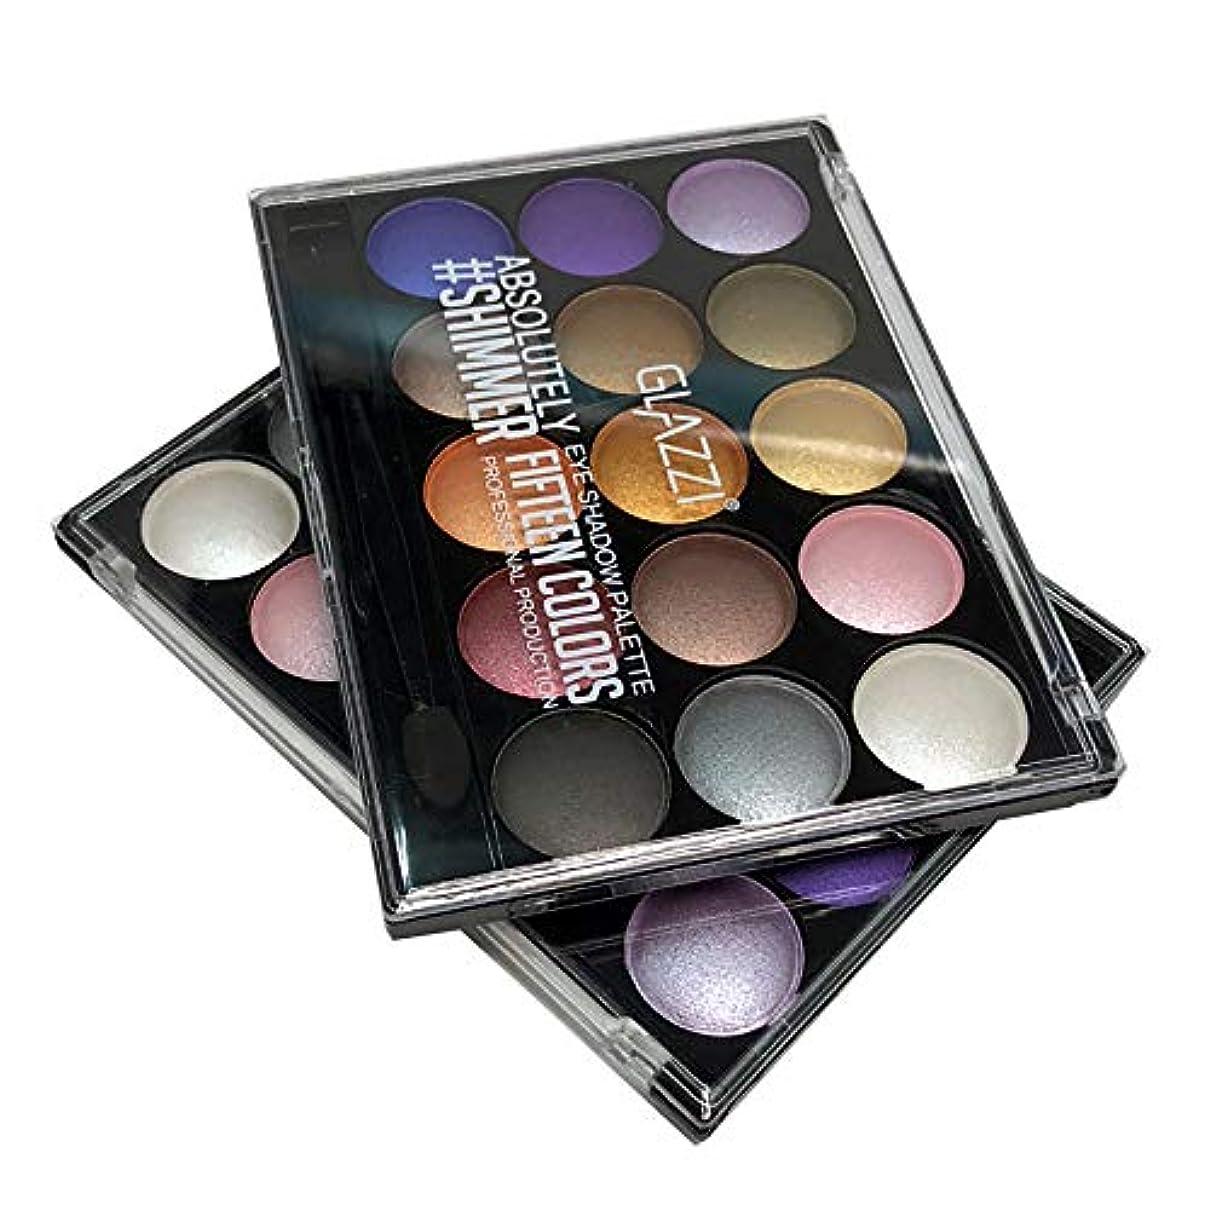 流行しているラジエーター存在Akane アイシャドウパレット GLAZZI 微光 綺麗 マット つや消し 人気 長持ち ファッション 日本人肌に合う 持ち便利 Eye Shadow (15色) GZ8040030